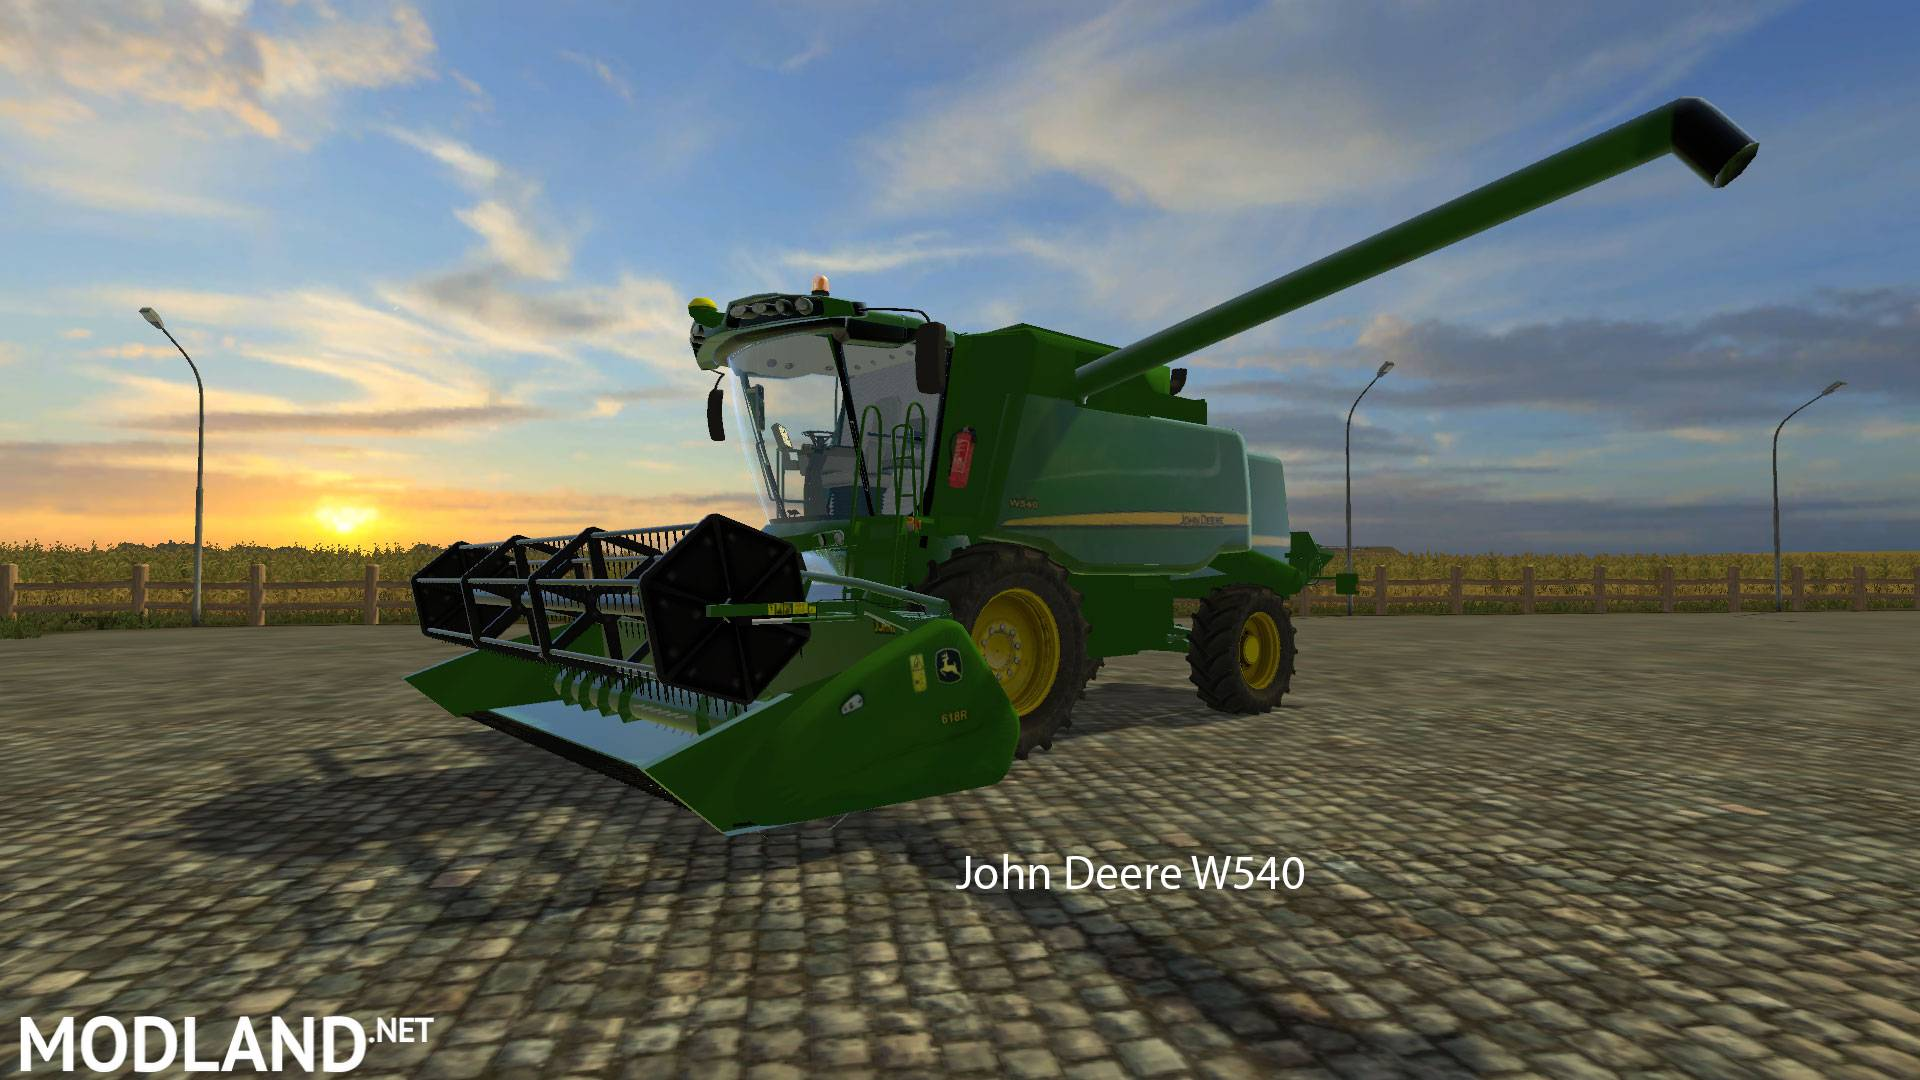 Fs15 big mods pack v6 john deere pack v 2 0 mod for farming simulator 2015 15 fs ls 2015 mod